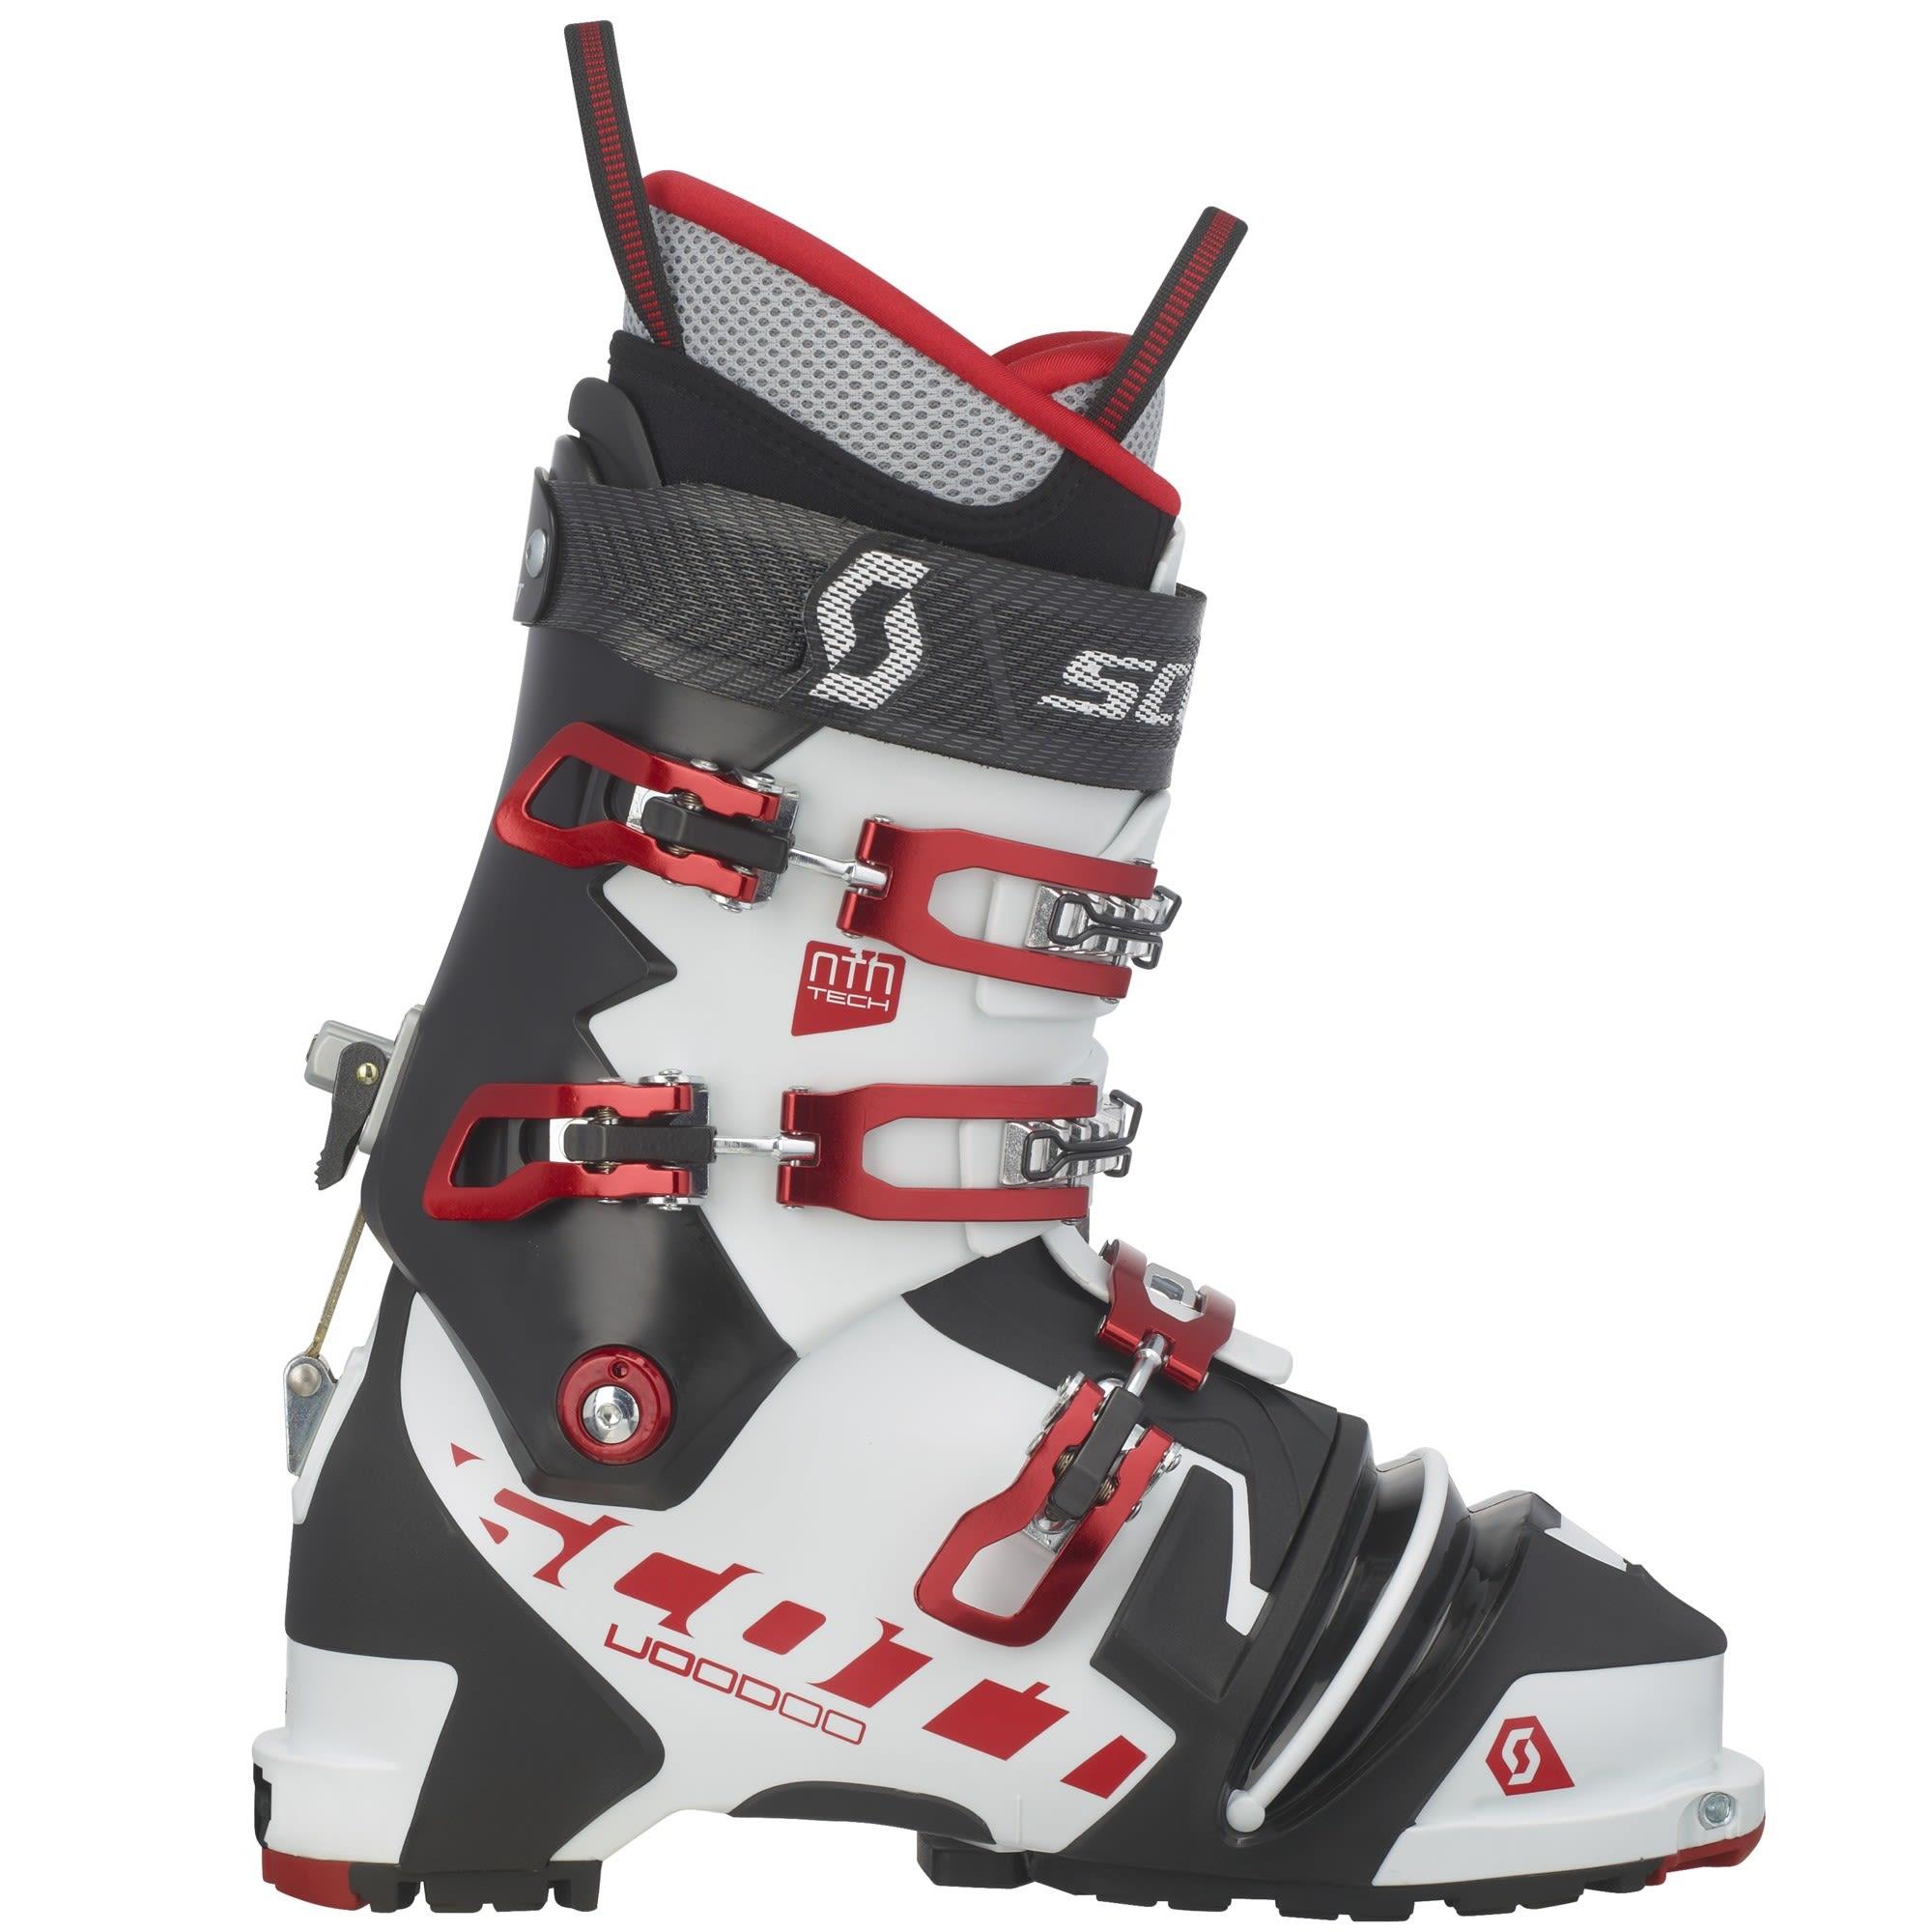 Scott Voodoo Ski Boot NTN Schwarz, Male EU 44 -Farbe White -Black, 44